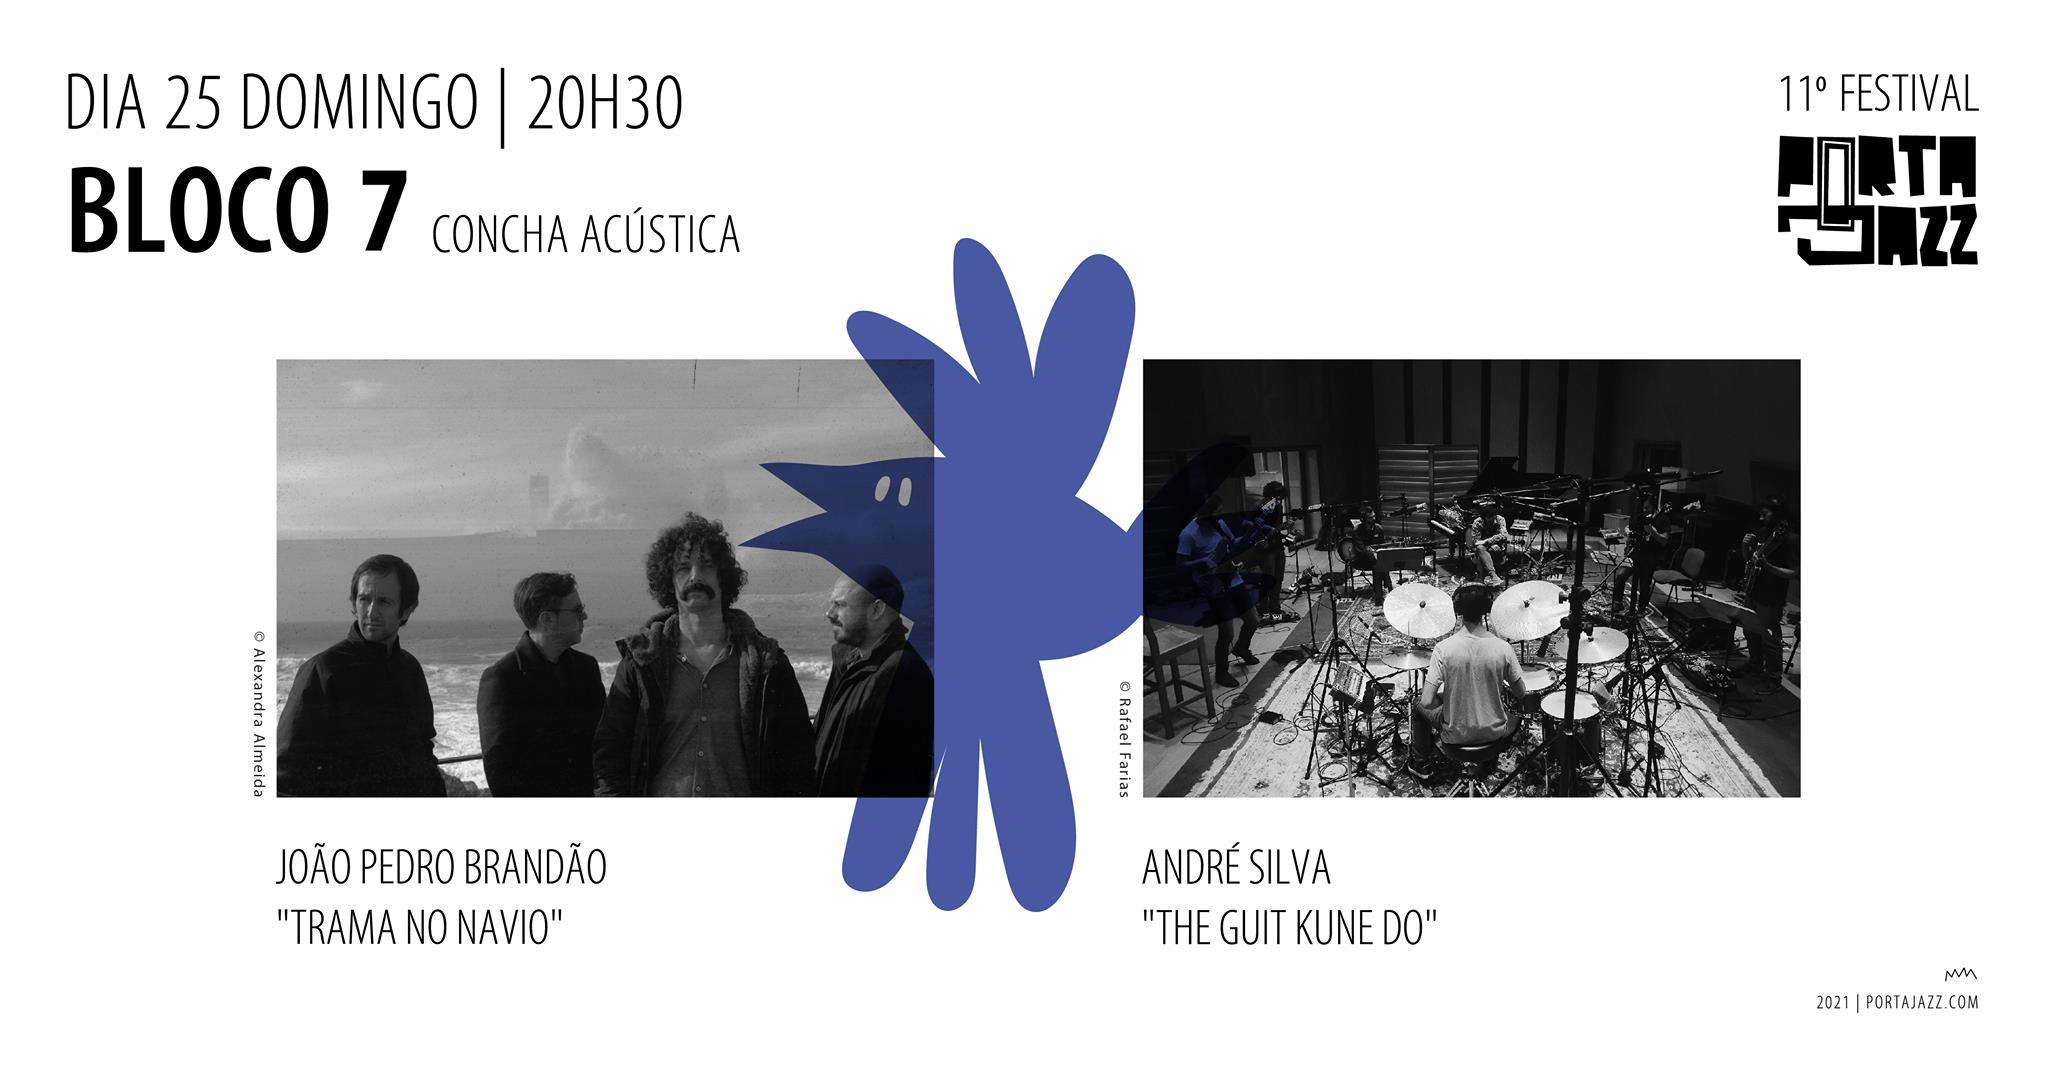 11º Festival Porta-Jazz  Bloco 7  João Pedro Brandão 'Trama no Navio'+André Silva 'The Guit Kune Do'